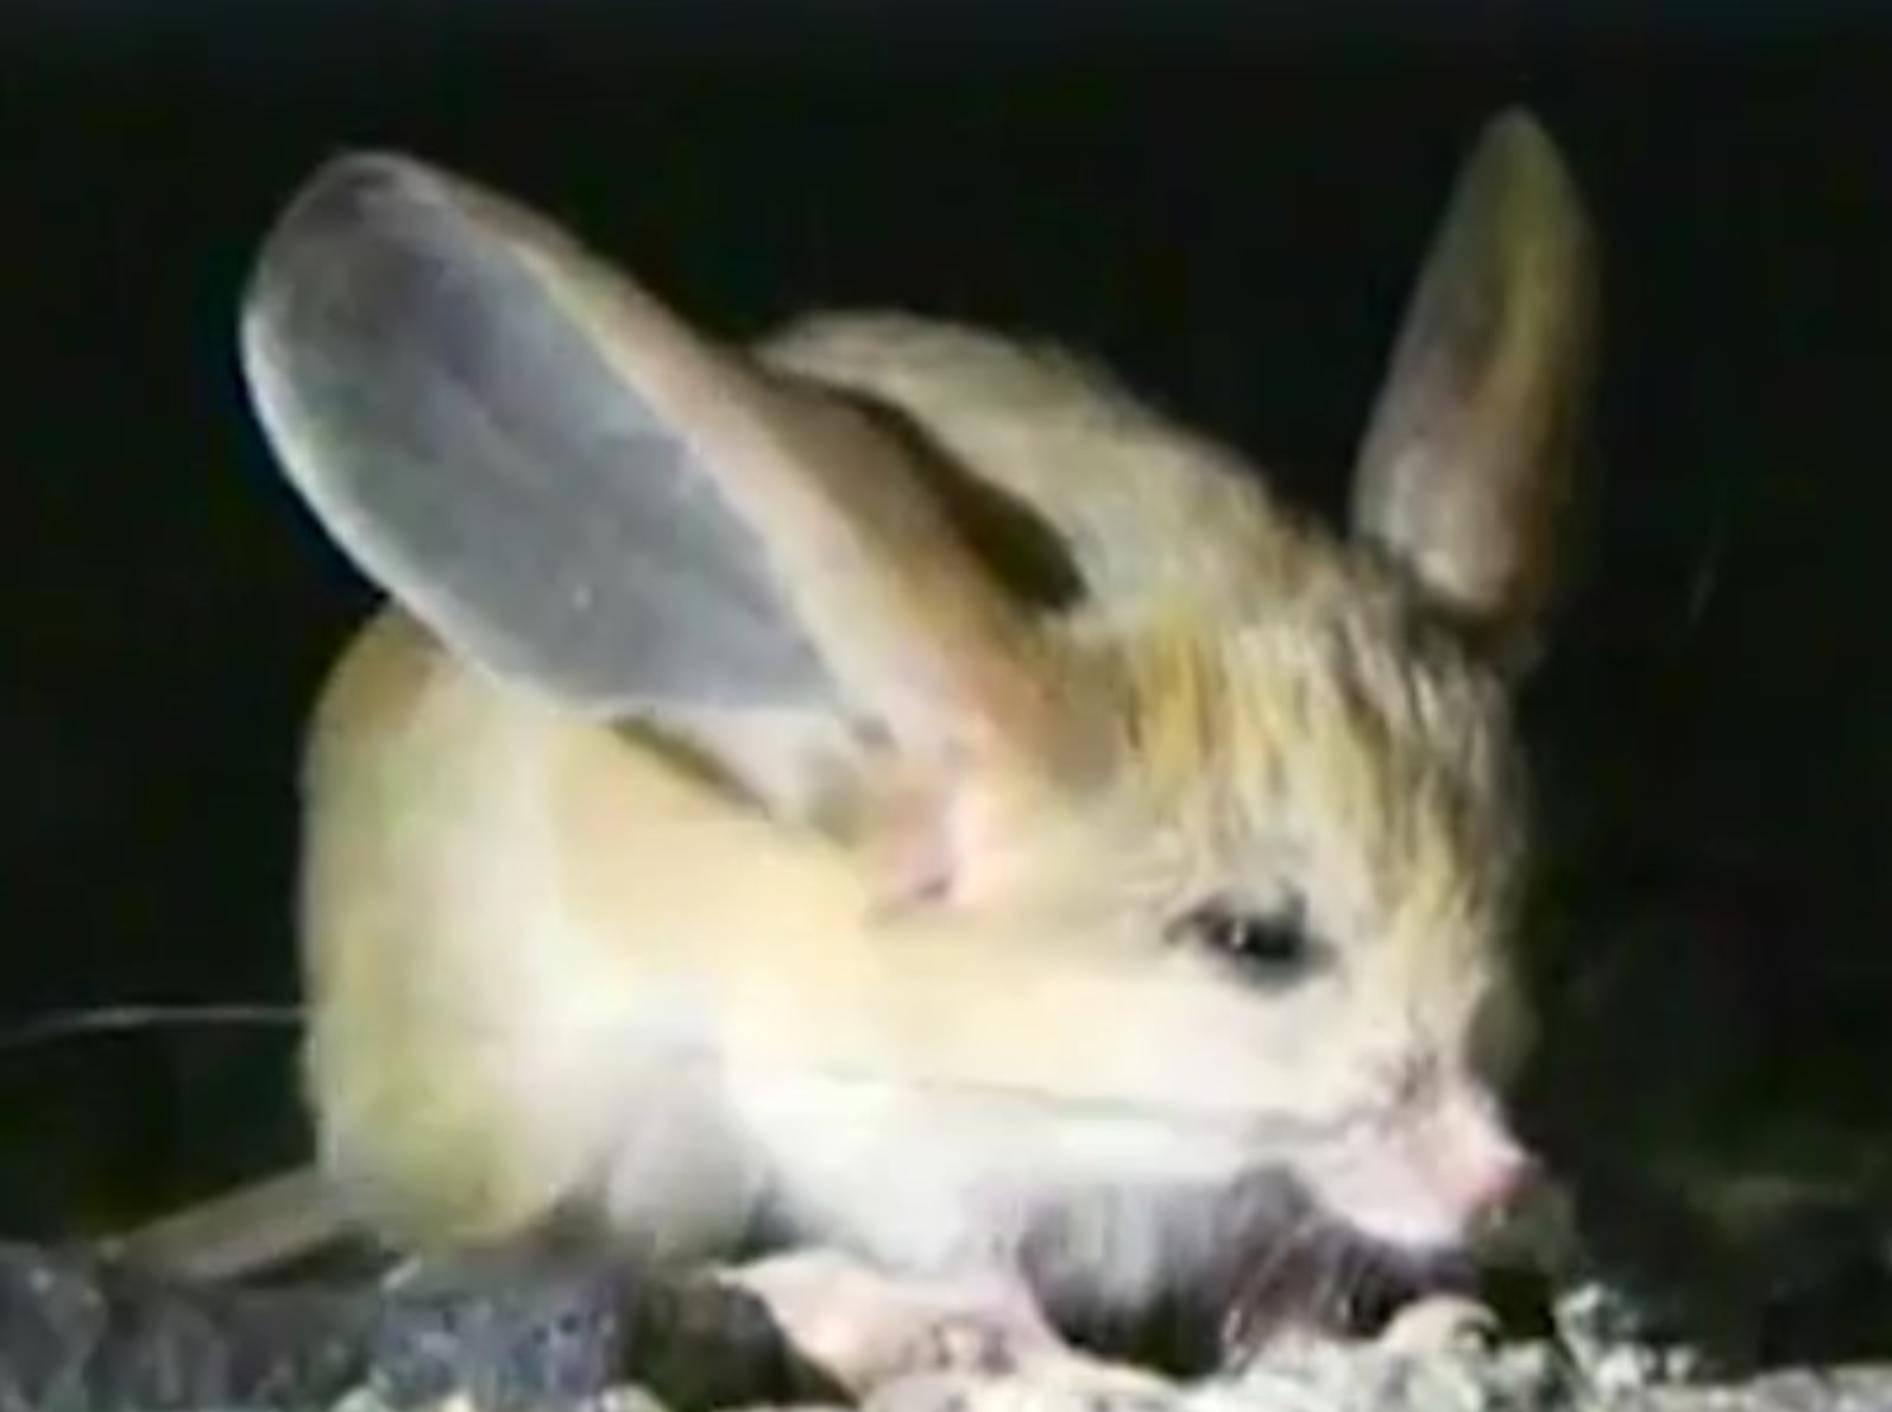 Springmäuse haben riiiiiesige Ohren und sind einfach nur zuckersüß – YouTube / The Dodo